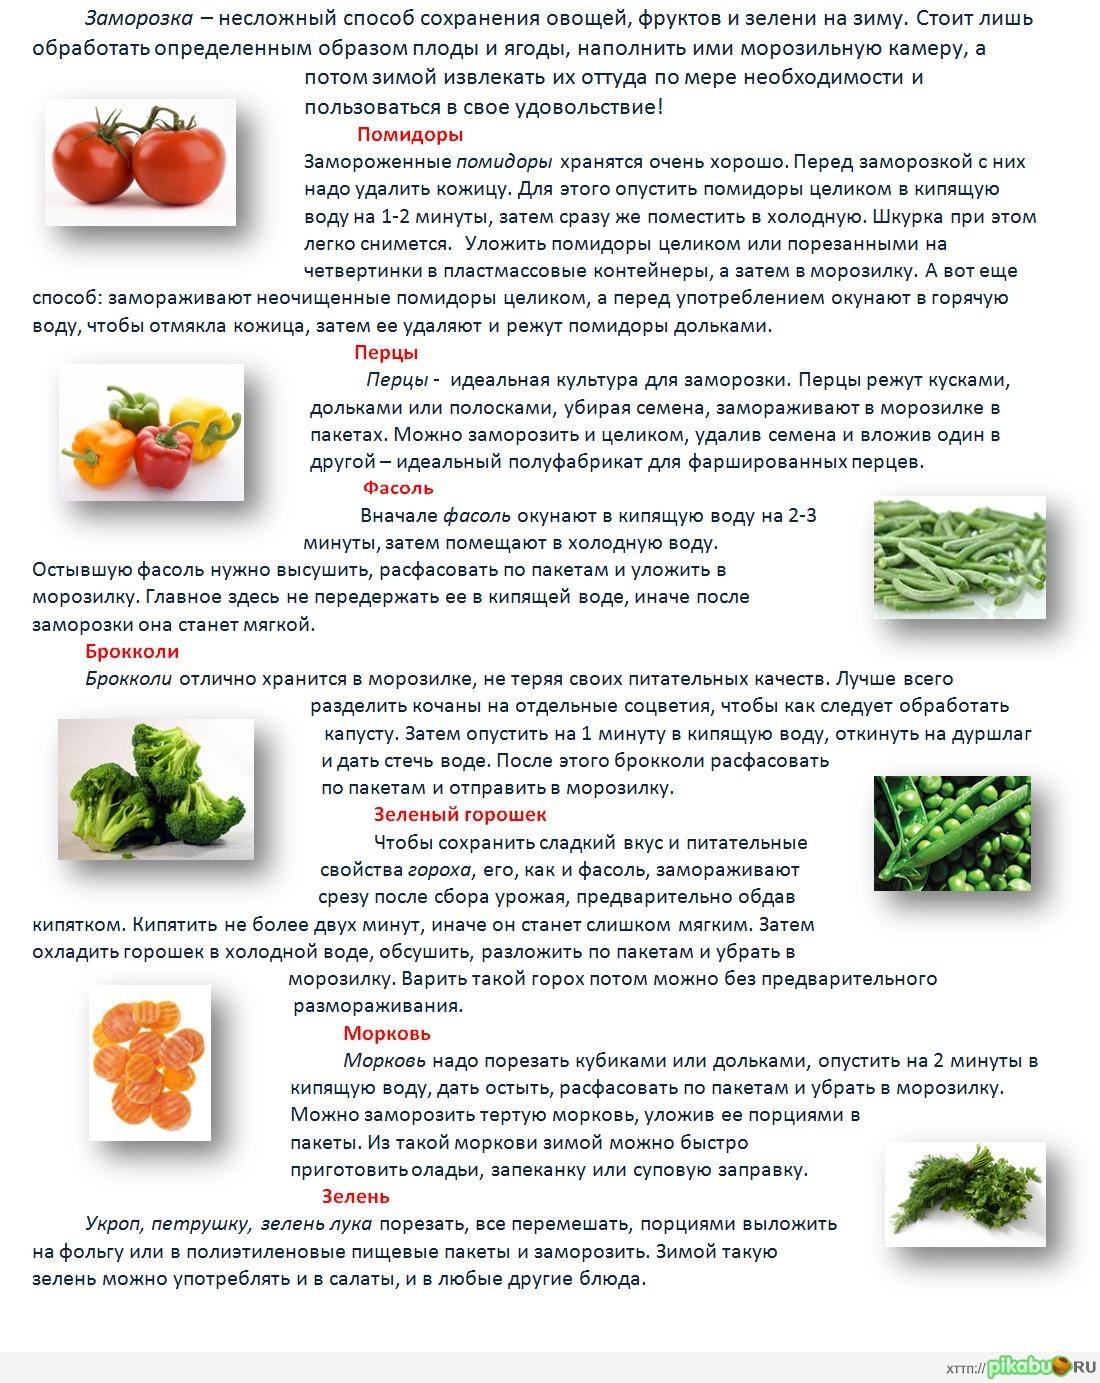 Как заморозить овощи на зиму в домашних условиях фото